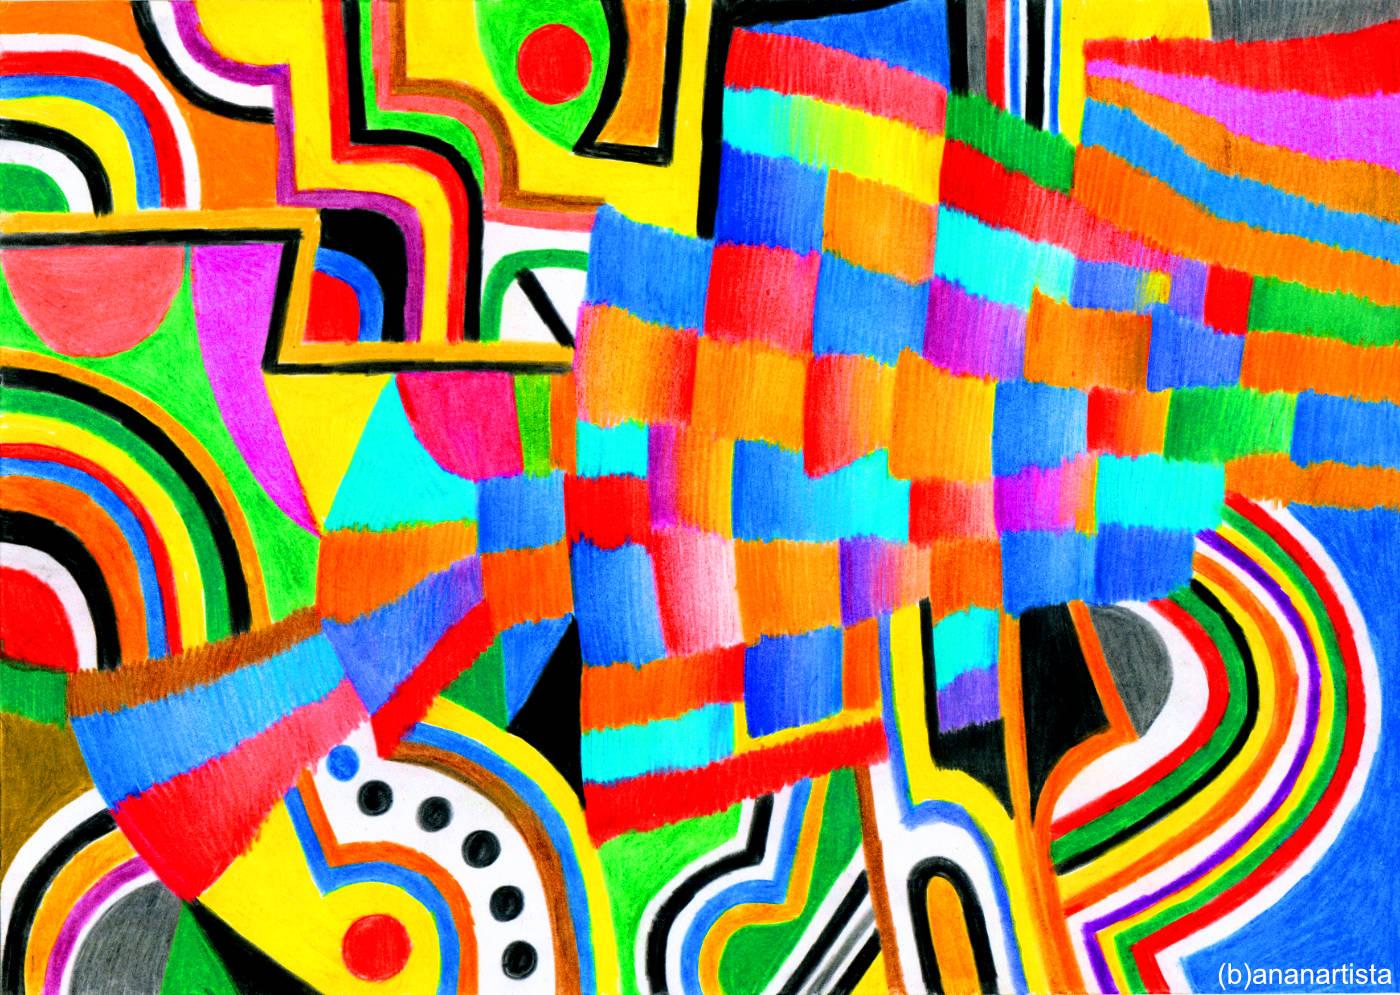 campi di gioia nel mio cuore arte astratta di (b)ananartista sbuff